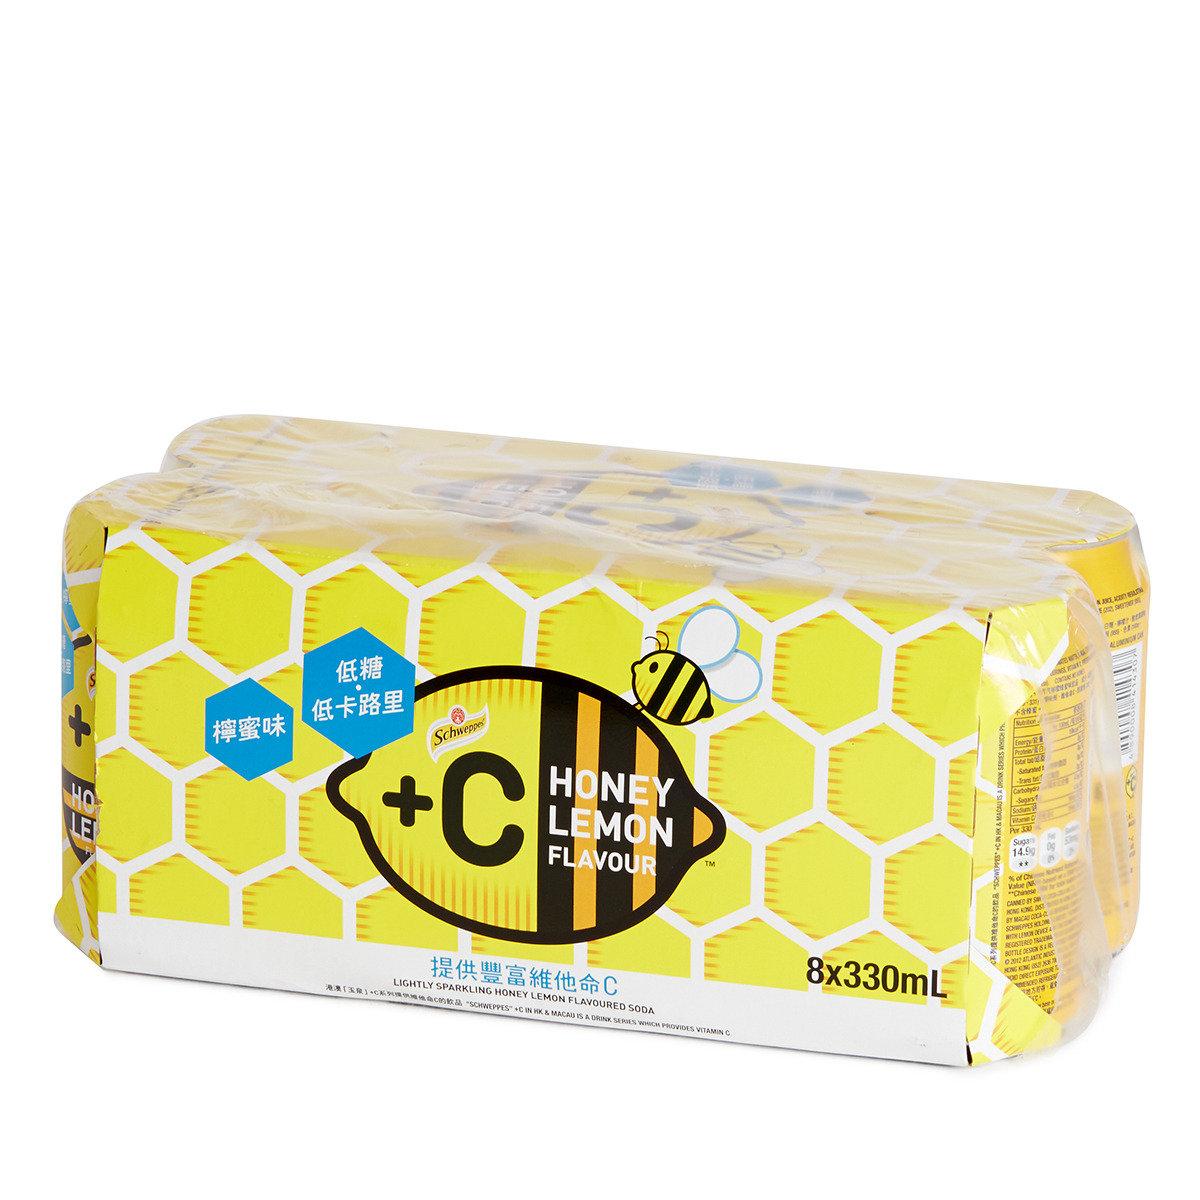 罐裝+C有汽檸檬蜂蜜味飲品